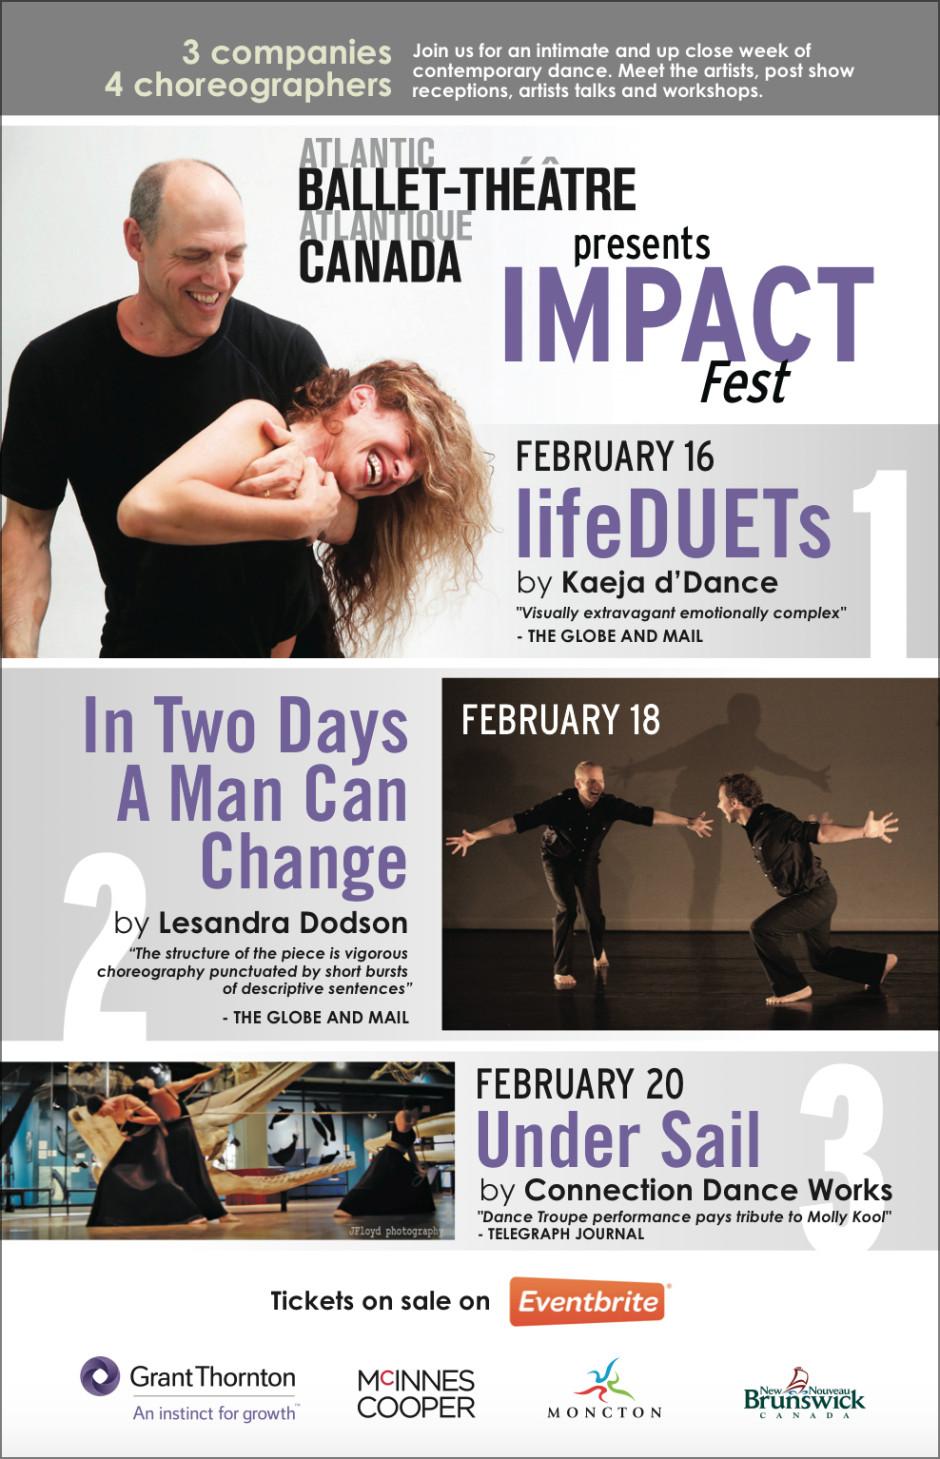 ABTC_impactfest_poster_EN